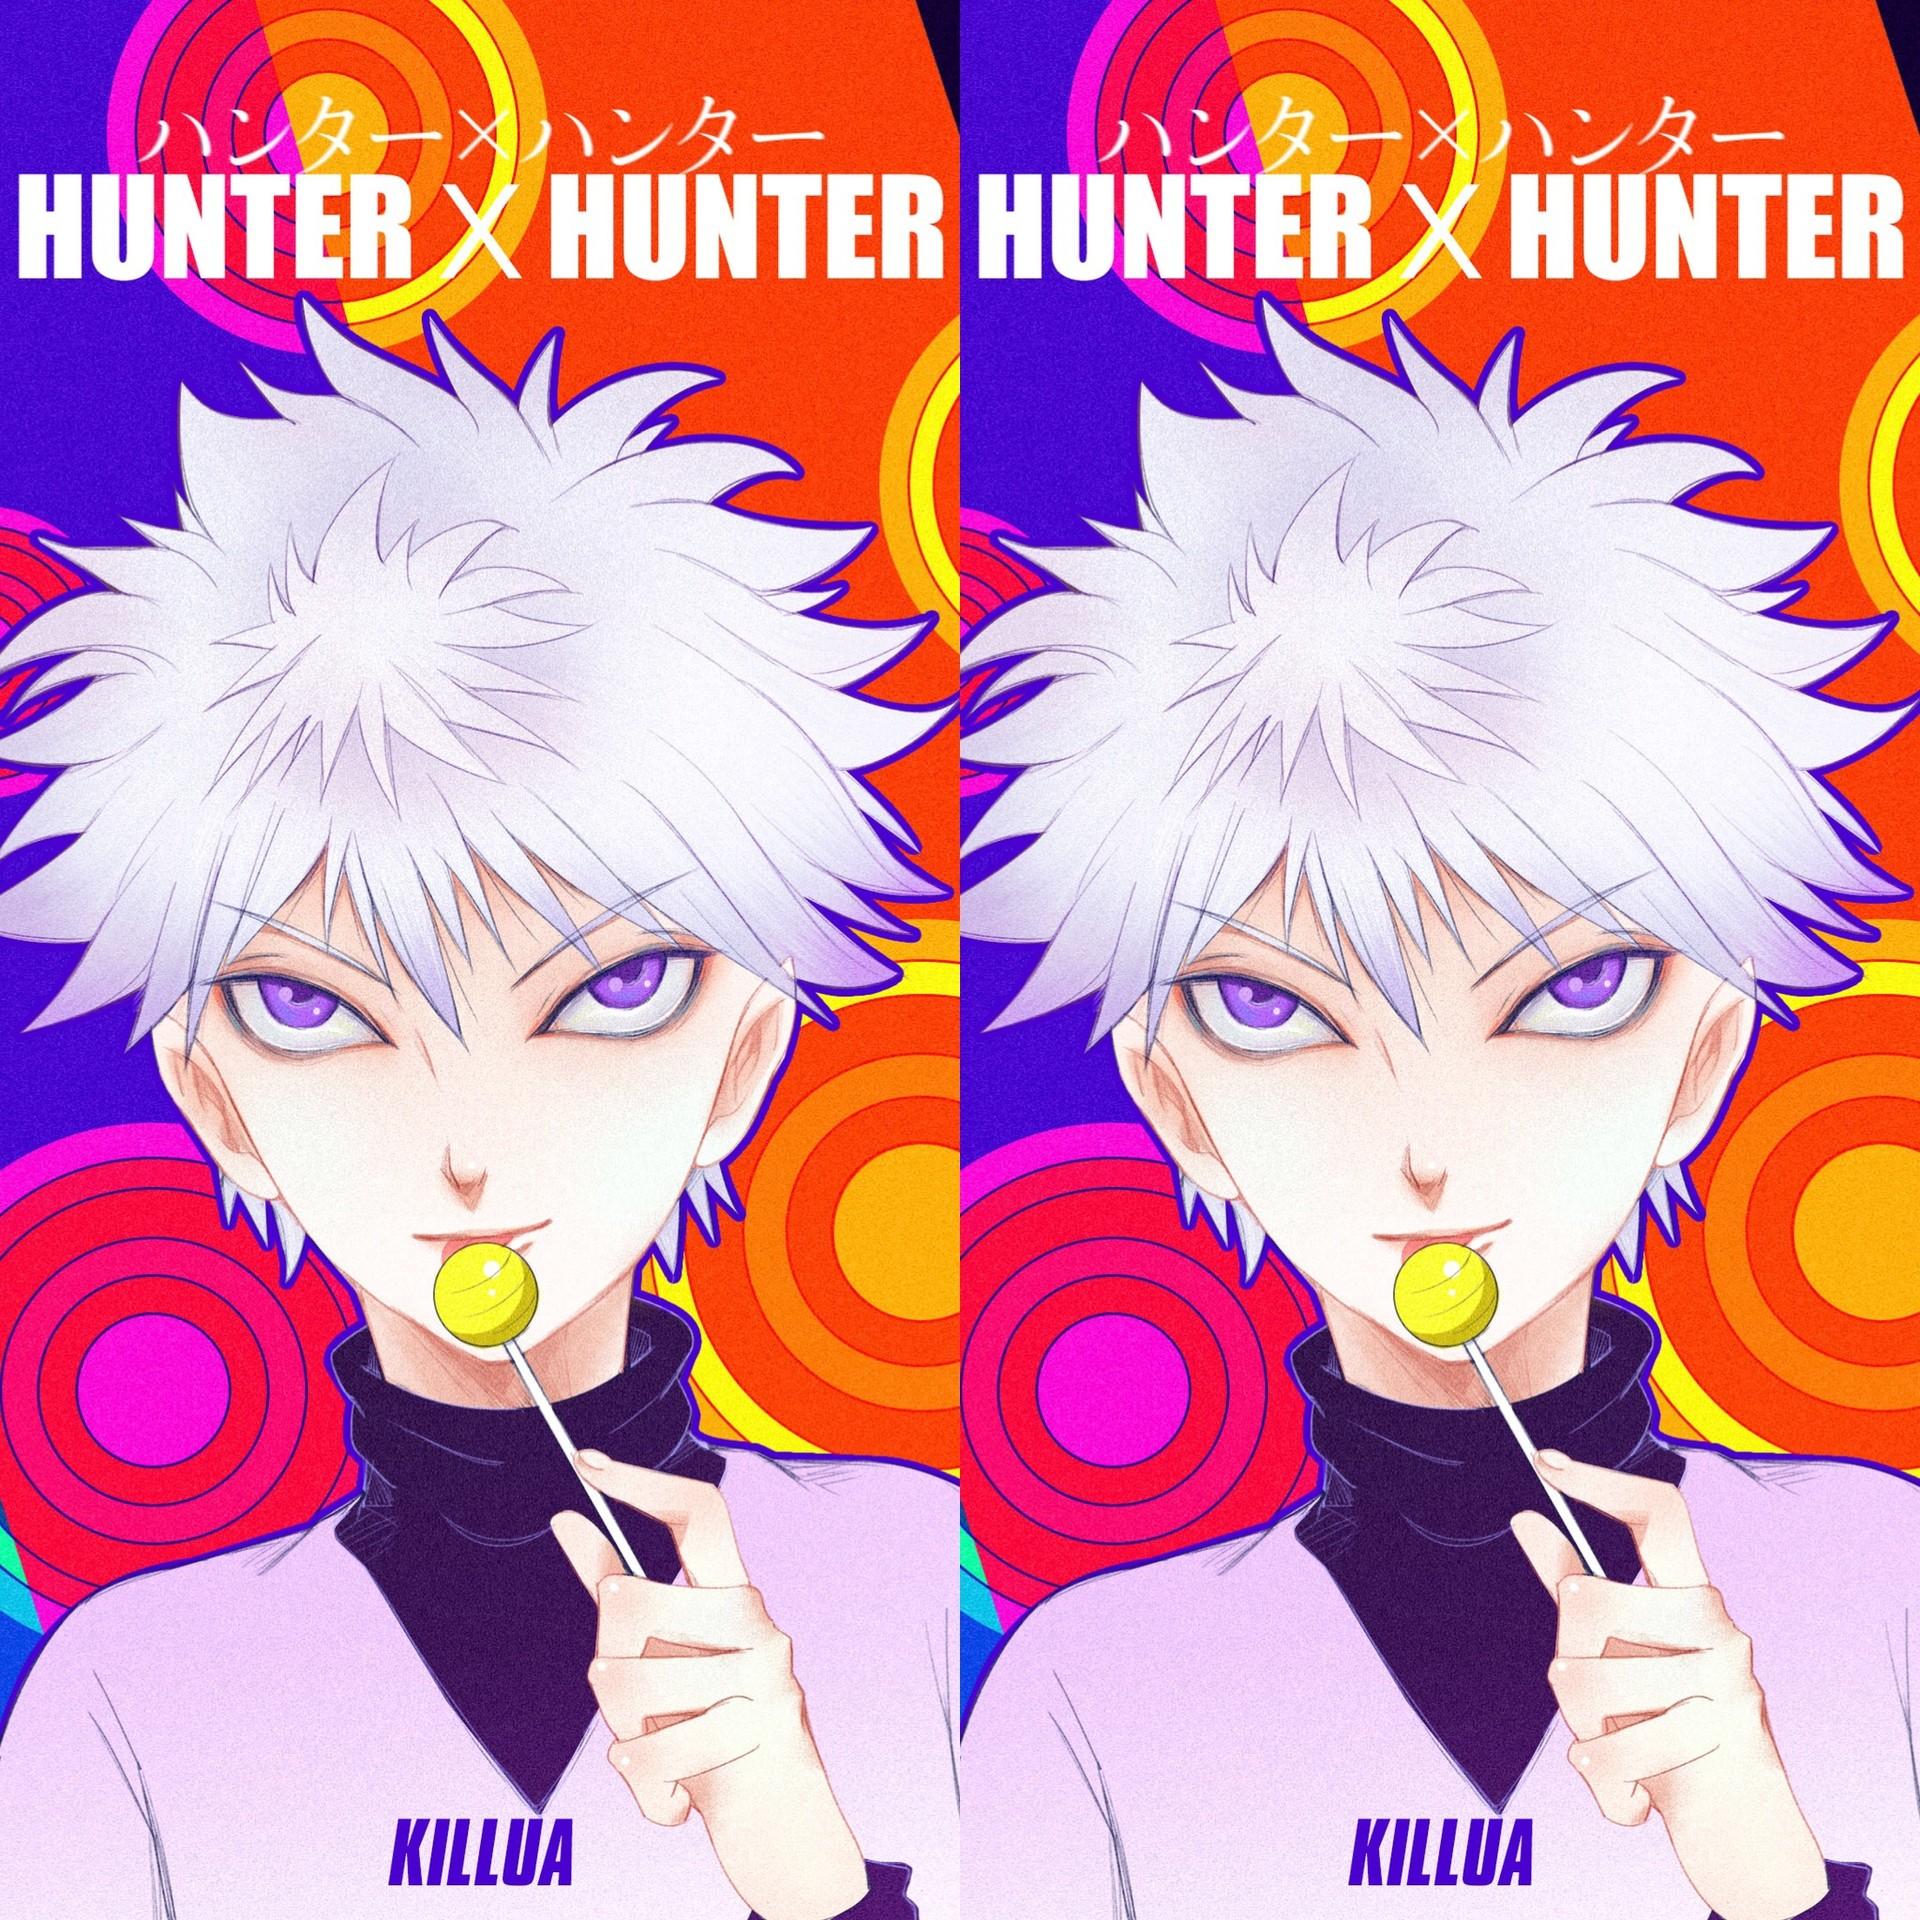 Zheng Yoyo - hunterXhunter killua